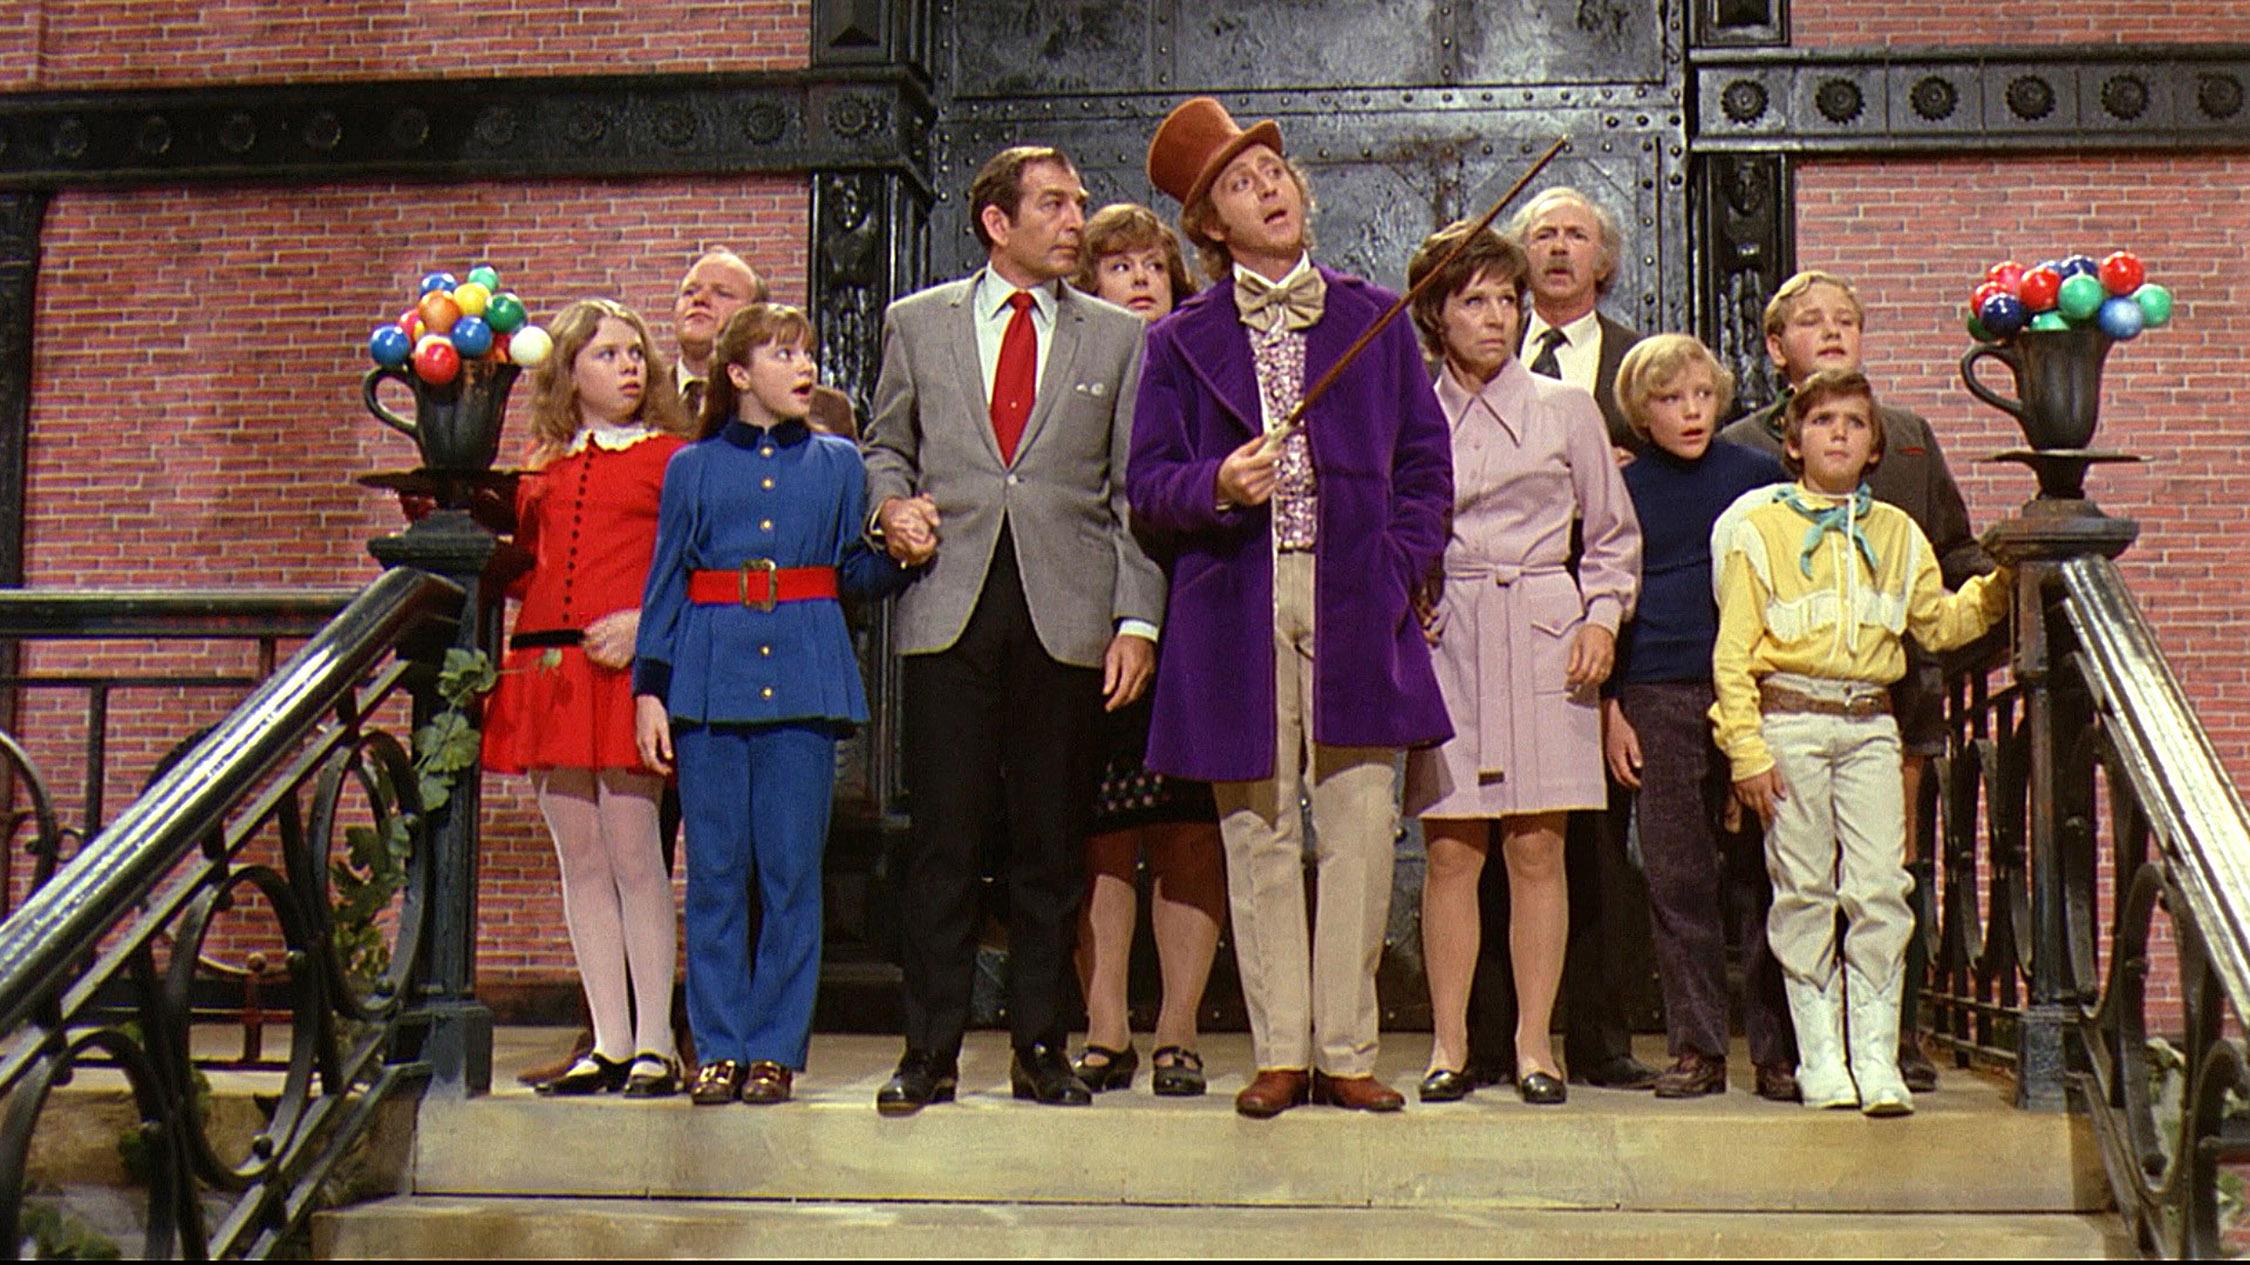 Willy Wonka ve Çikolata Fabrikası (1971) filminden bir sahne